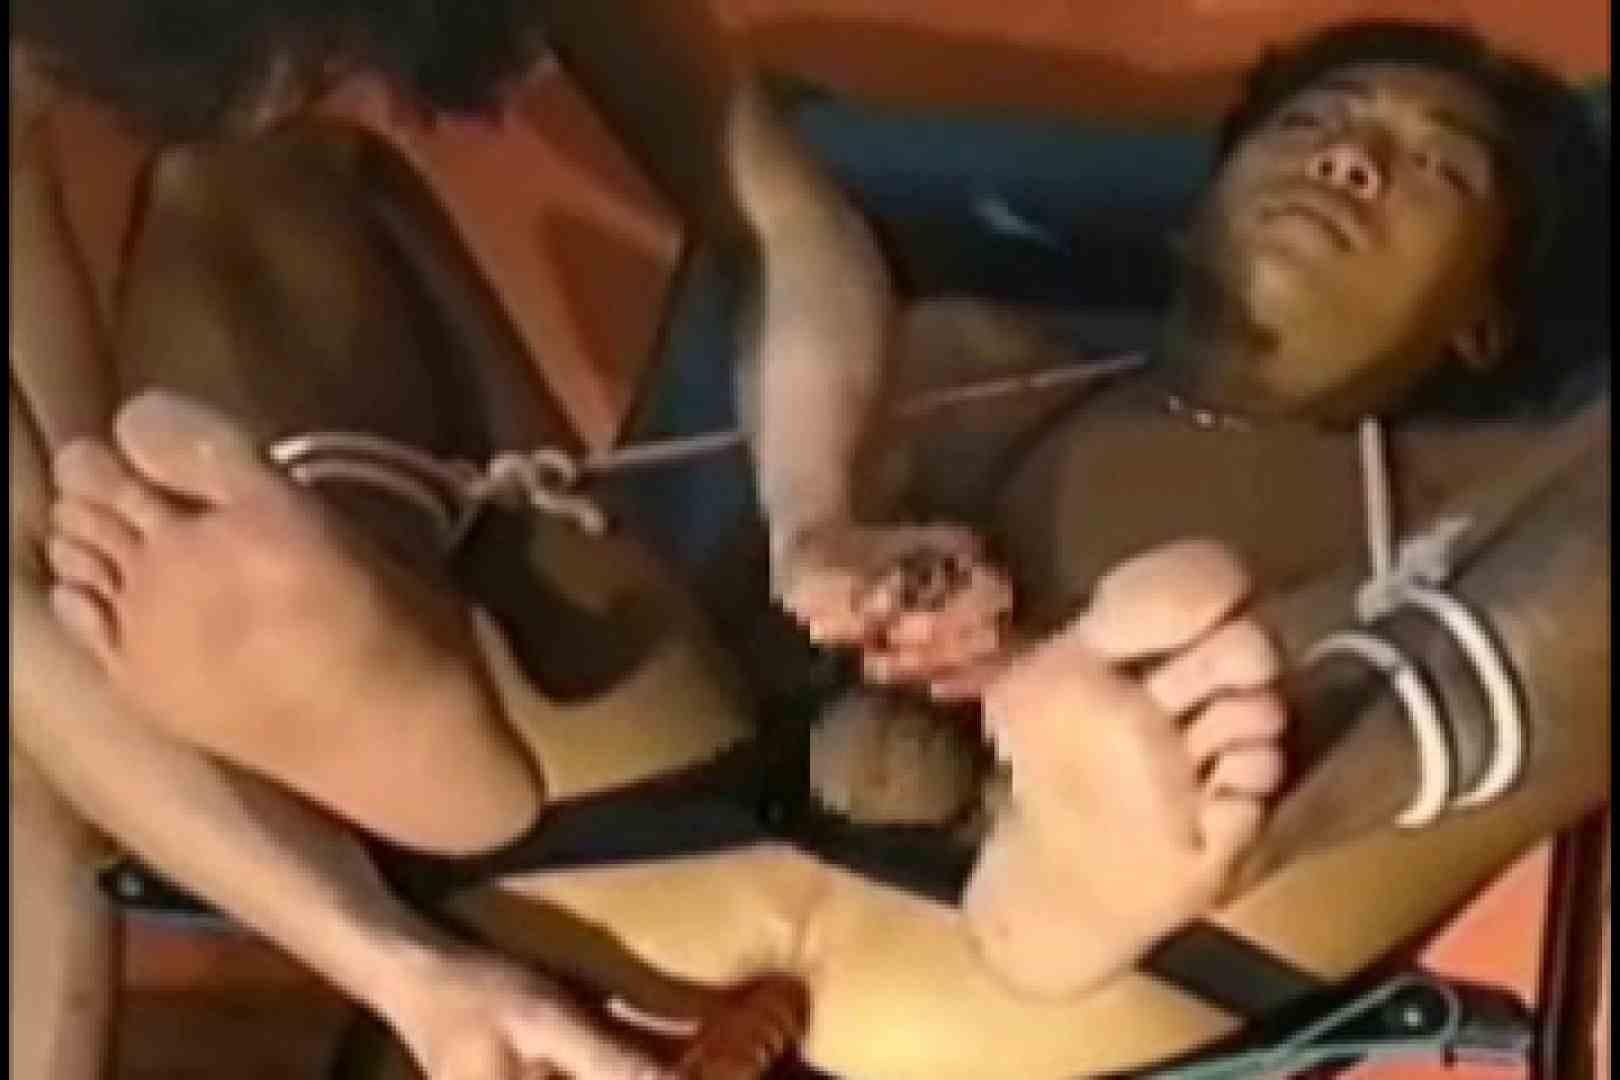 お手々縛ってソフト調教! イケメンたち ゲイセックス画像 92枚 20